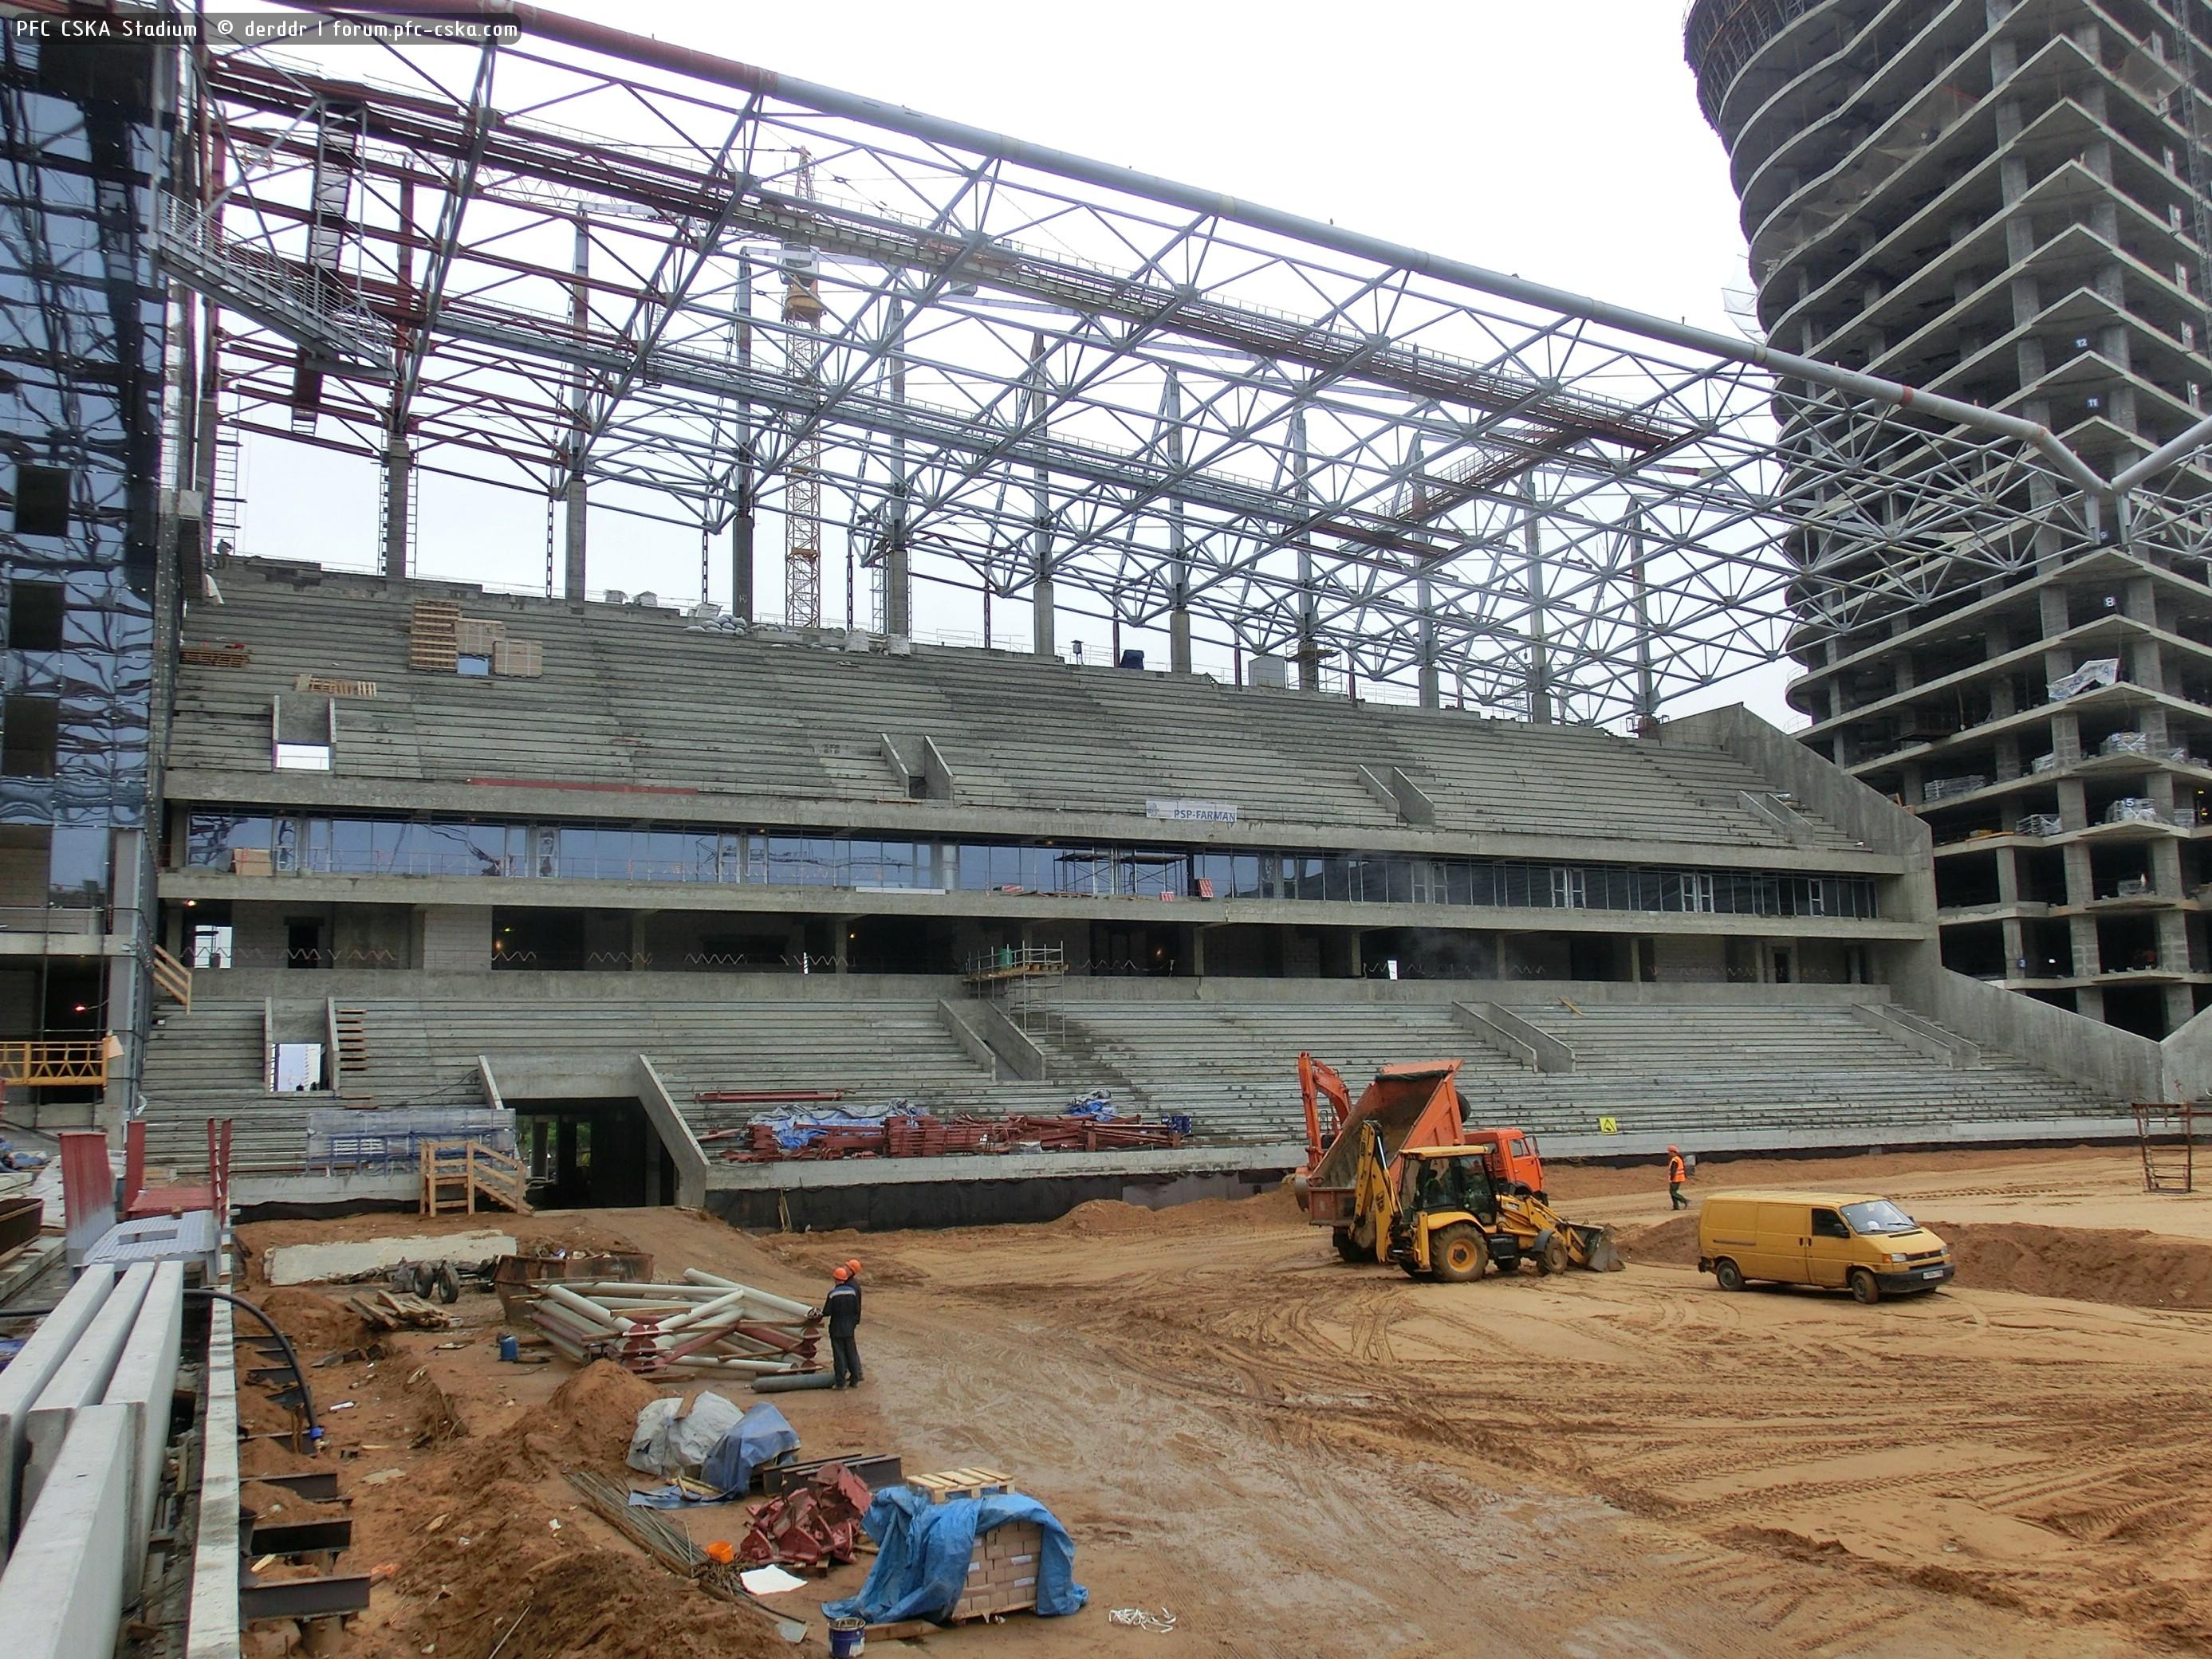 готовность стадиона цска на сегодня фото городе братск категории